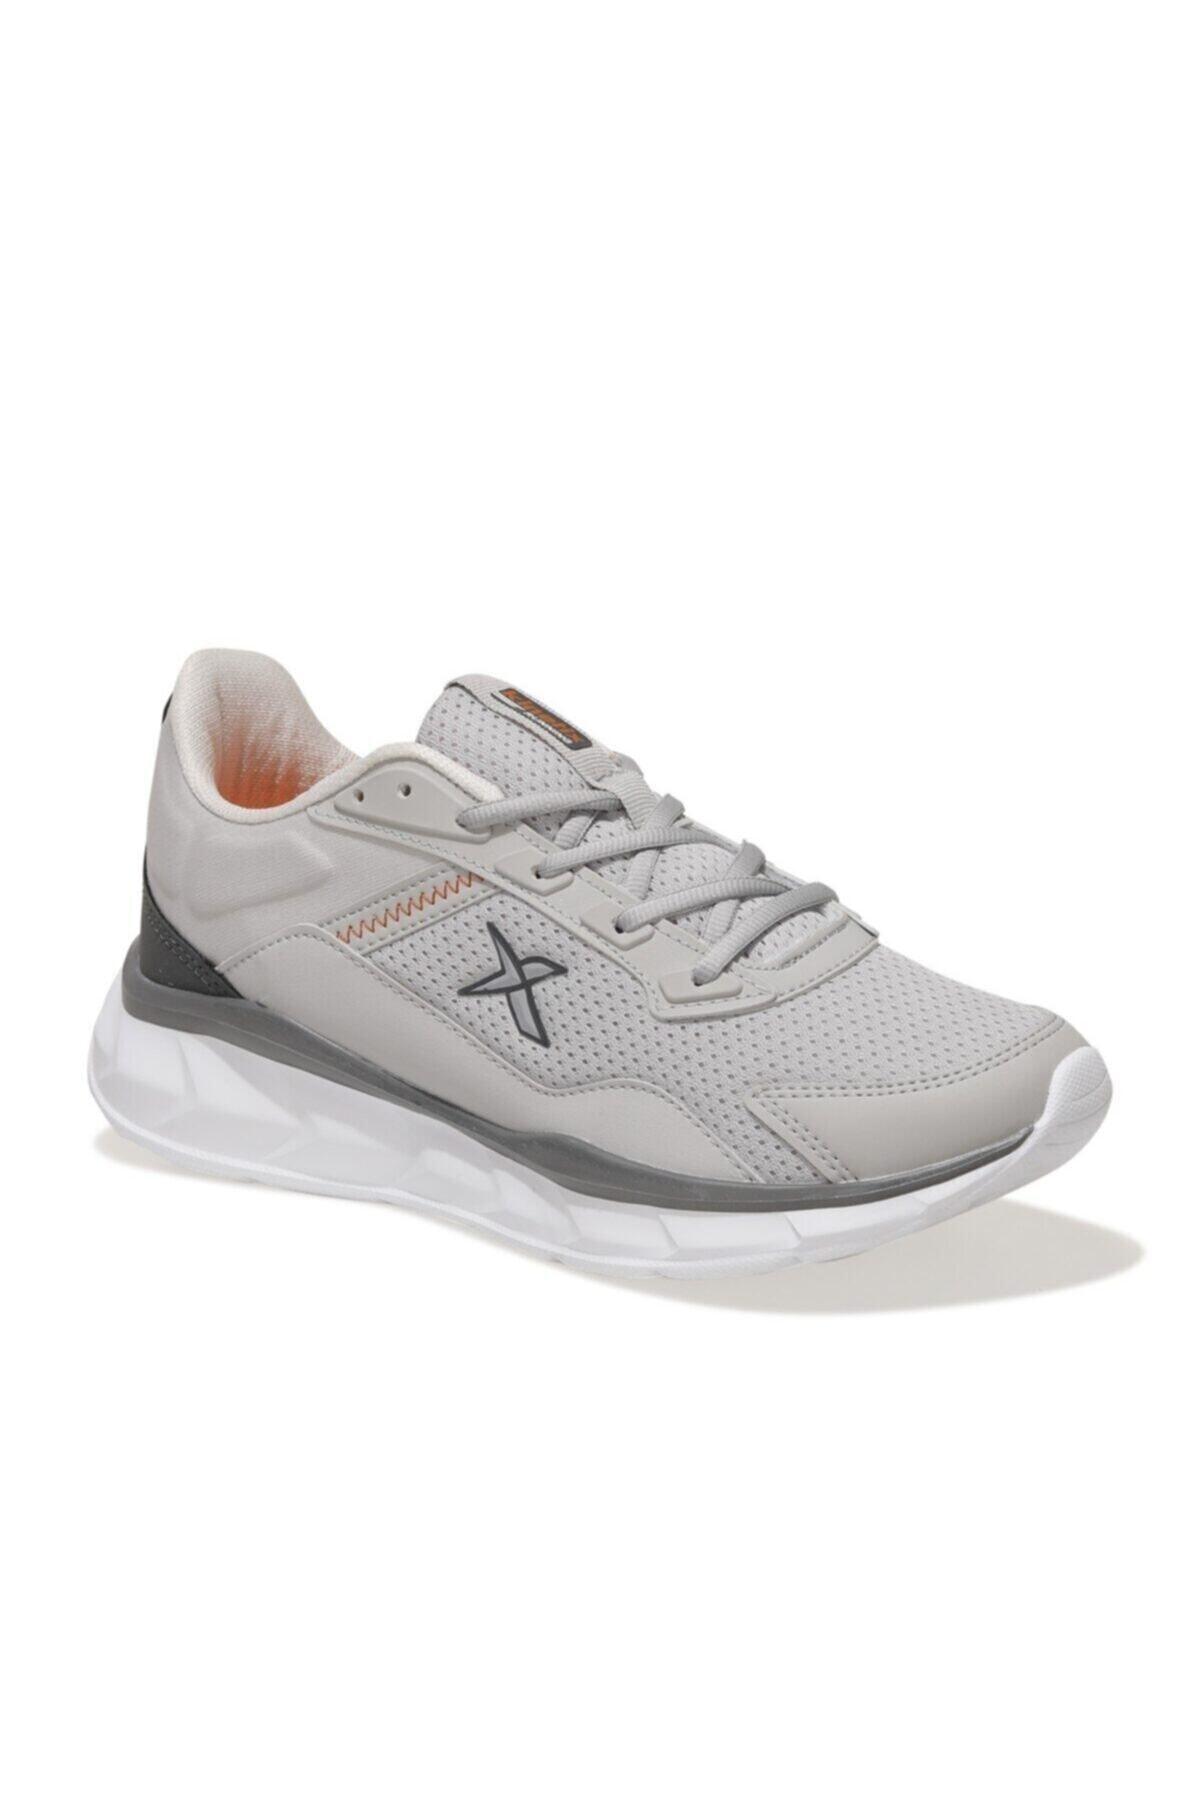 DARIUS 1FX Gri Erkek Koşu Ayakkabısı 100662782